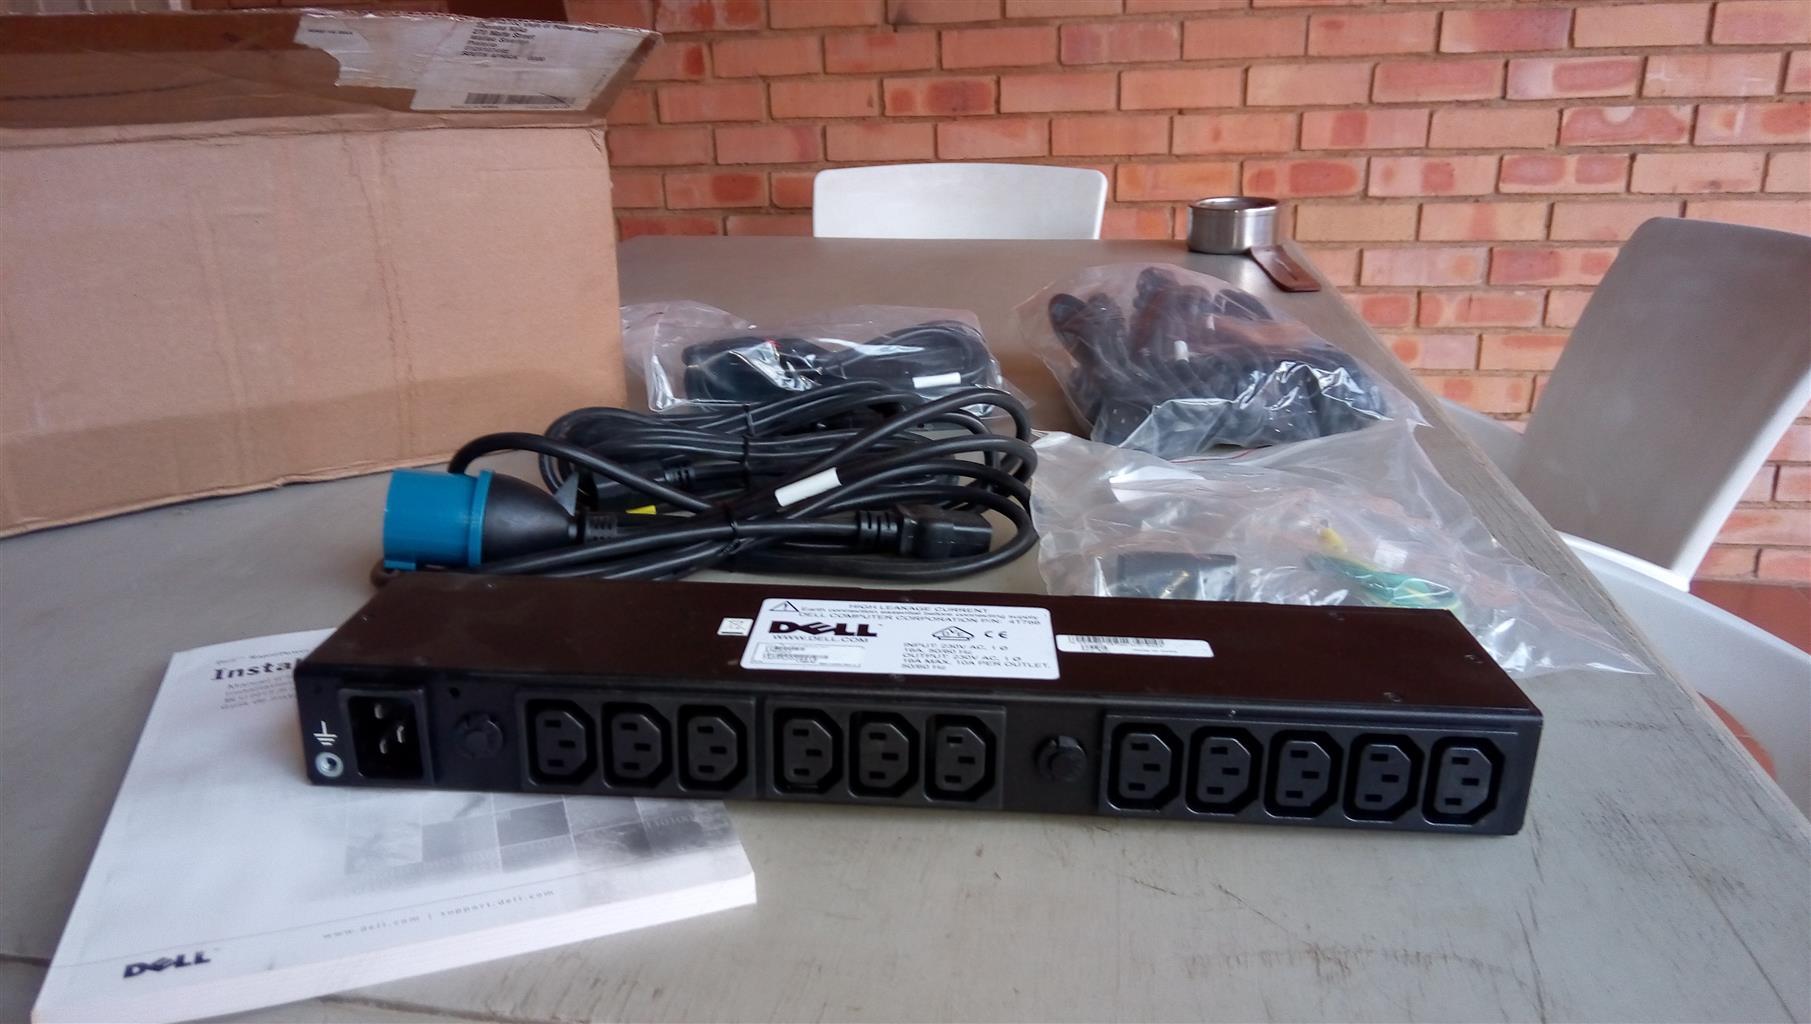 PDU's Power distribution unit